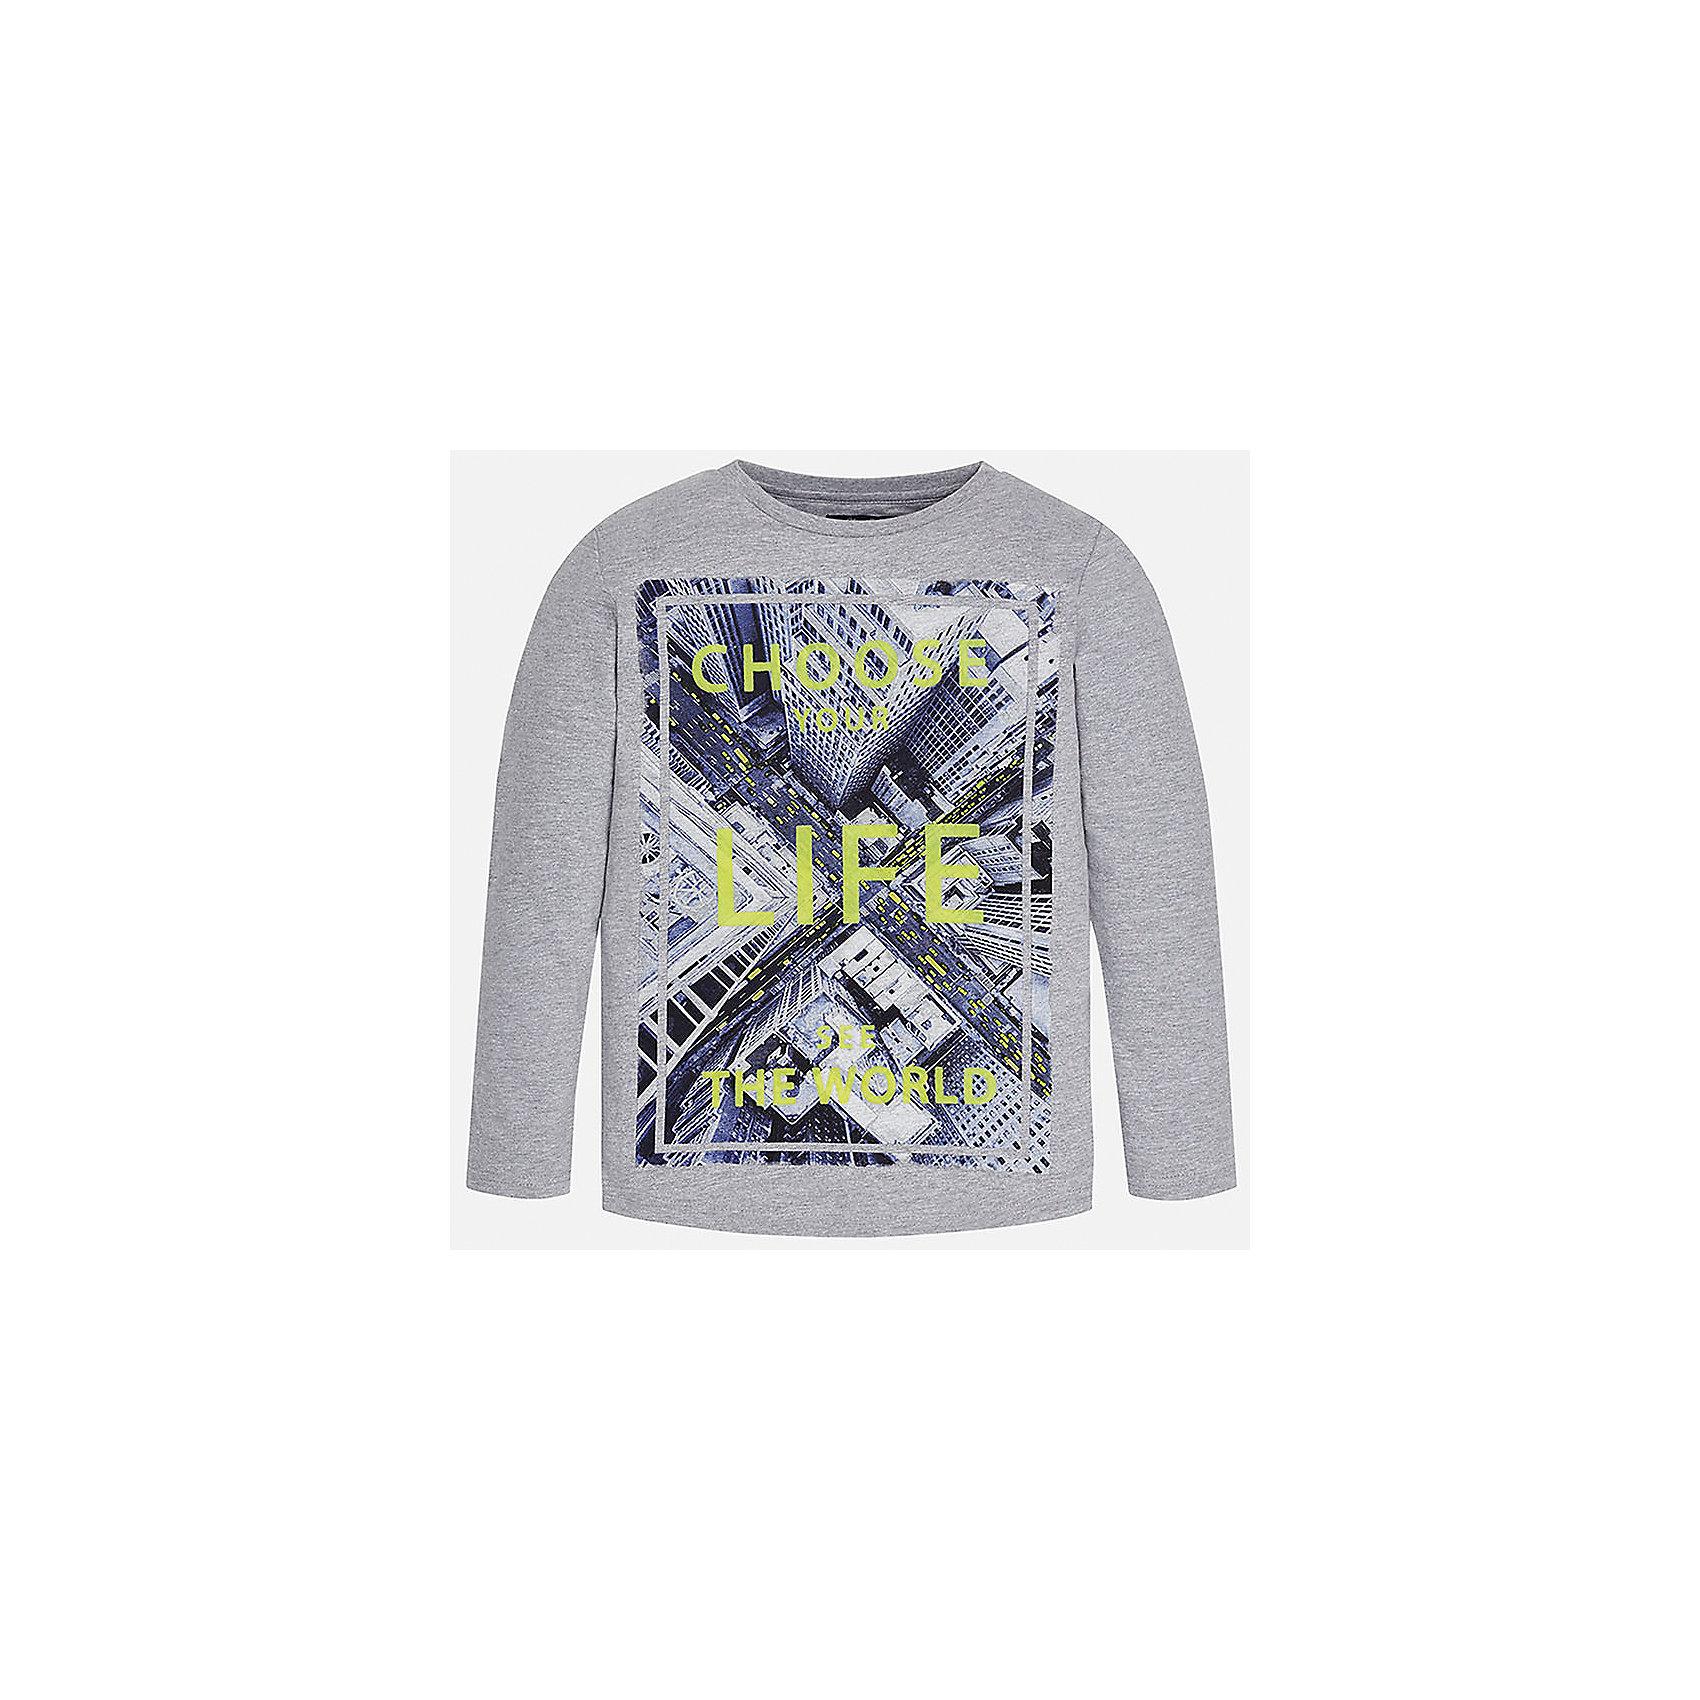 Футболка с длинным рукавом  для мальчика MayoralХлопковая футболка с длинными рукавами - это  базовая вещь в любом гардеробе. Благодаря длинным рукавам и легкому составу ткани, ее можно носить в любое время года, а яркий орнамент, подчеркнет индивидуальный стиль Вашего ребенка!<br><br>Дополнительная информация:<br><br>- Крой: прямой крой.<br>- Страна бренда: Испания.<br>- Состав: хлопок 100%.<br>- Цвет: серый.<br>- Уход: бережная стирка при 30 градусах.<br><br>Купить футболку с длинным рукавом для мальчика, от  Mayoral, можно в нашем магазине.<br><br>Ширина мм: 230<br>Глубина мм: 40<br>Высота мм: 220<br>Вес г: 250<br>Цвет: серый<br>Возраст от месяцев: 132<br>Возраст до месяцев: 144<br>Пол: Мужской<br>Возраст: Детский<br>Размер: 146/152,128/134,152/158,164/170,158/164,140/146<br>SKU: 4826722